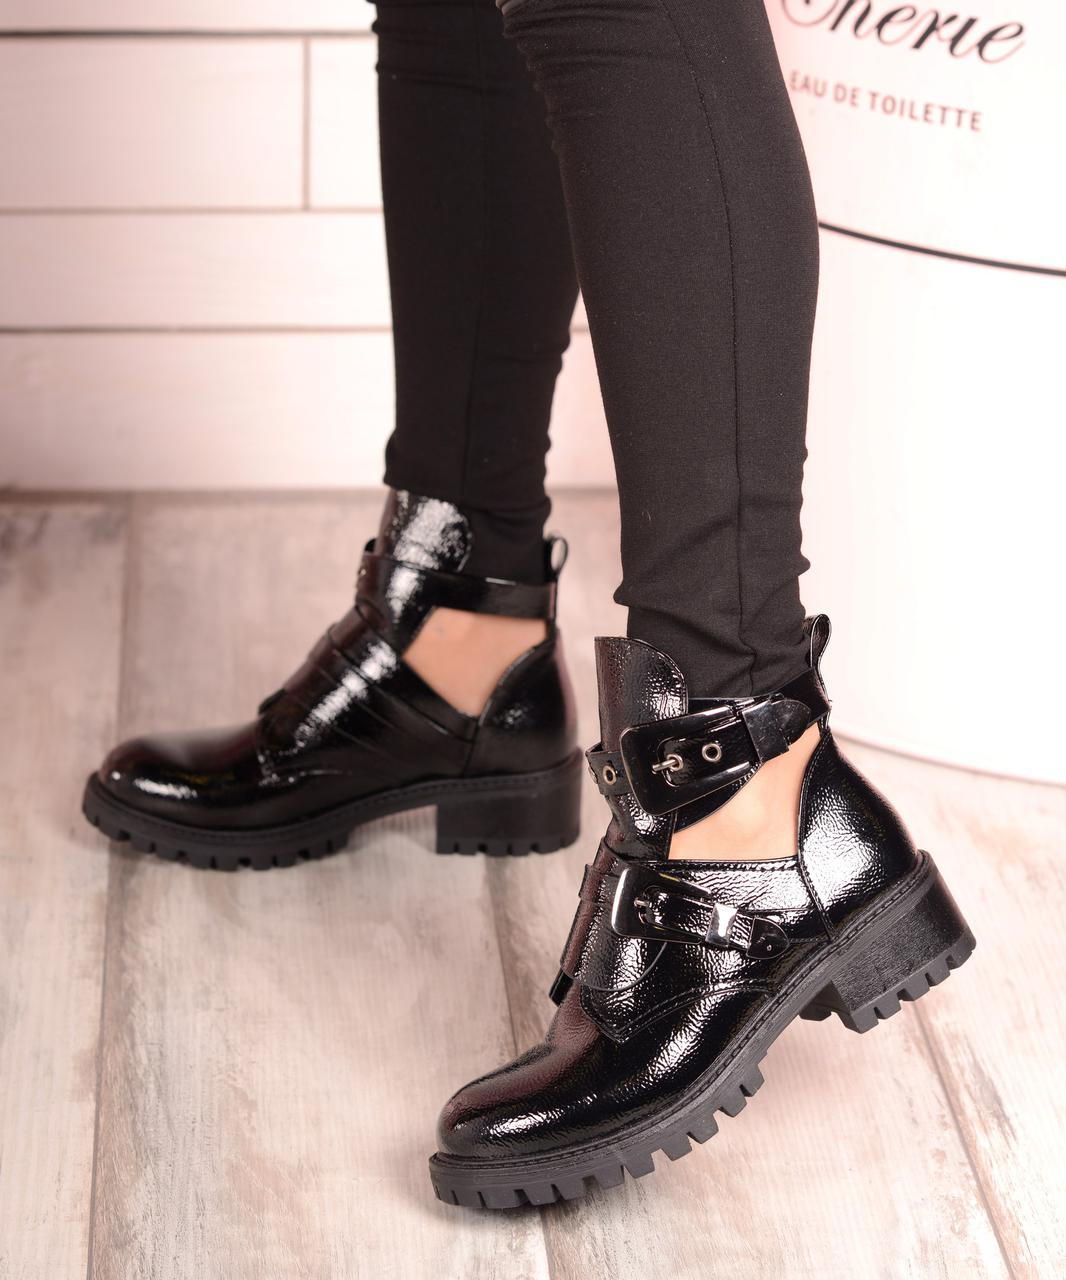 Лакированные ботинки Michael Kors. Аналог